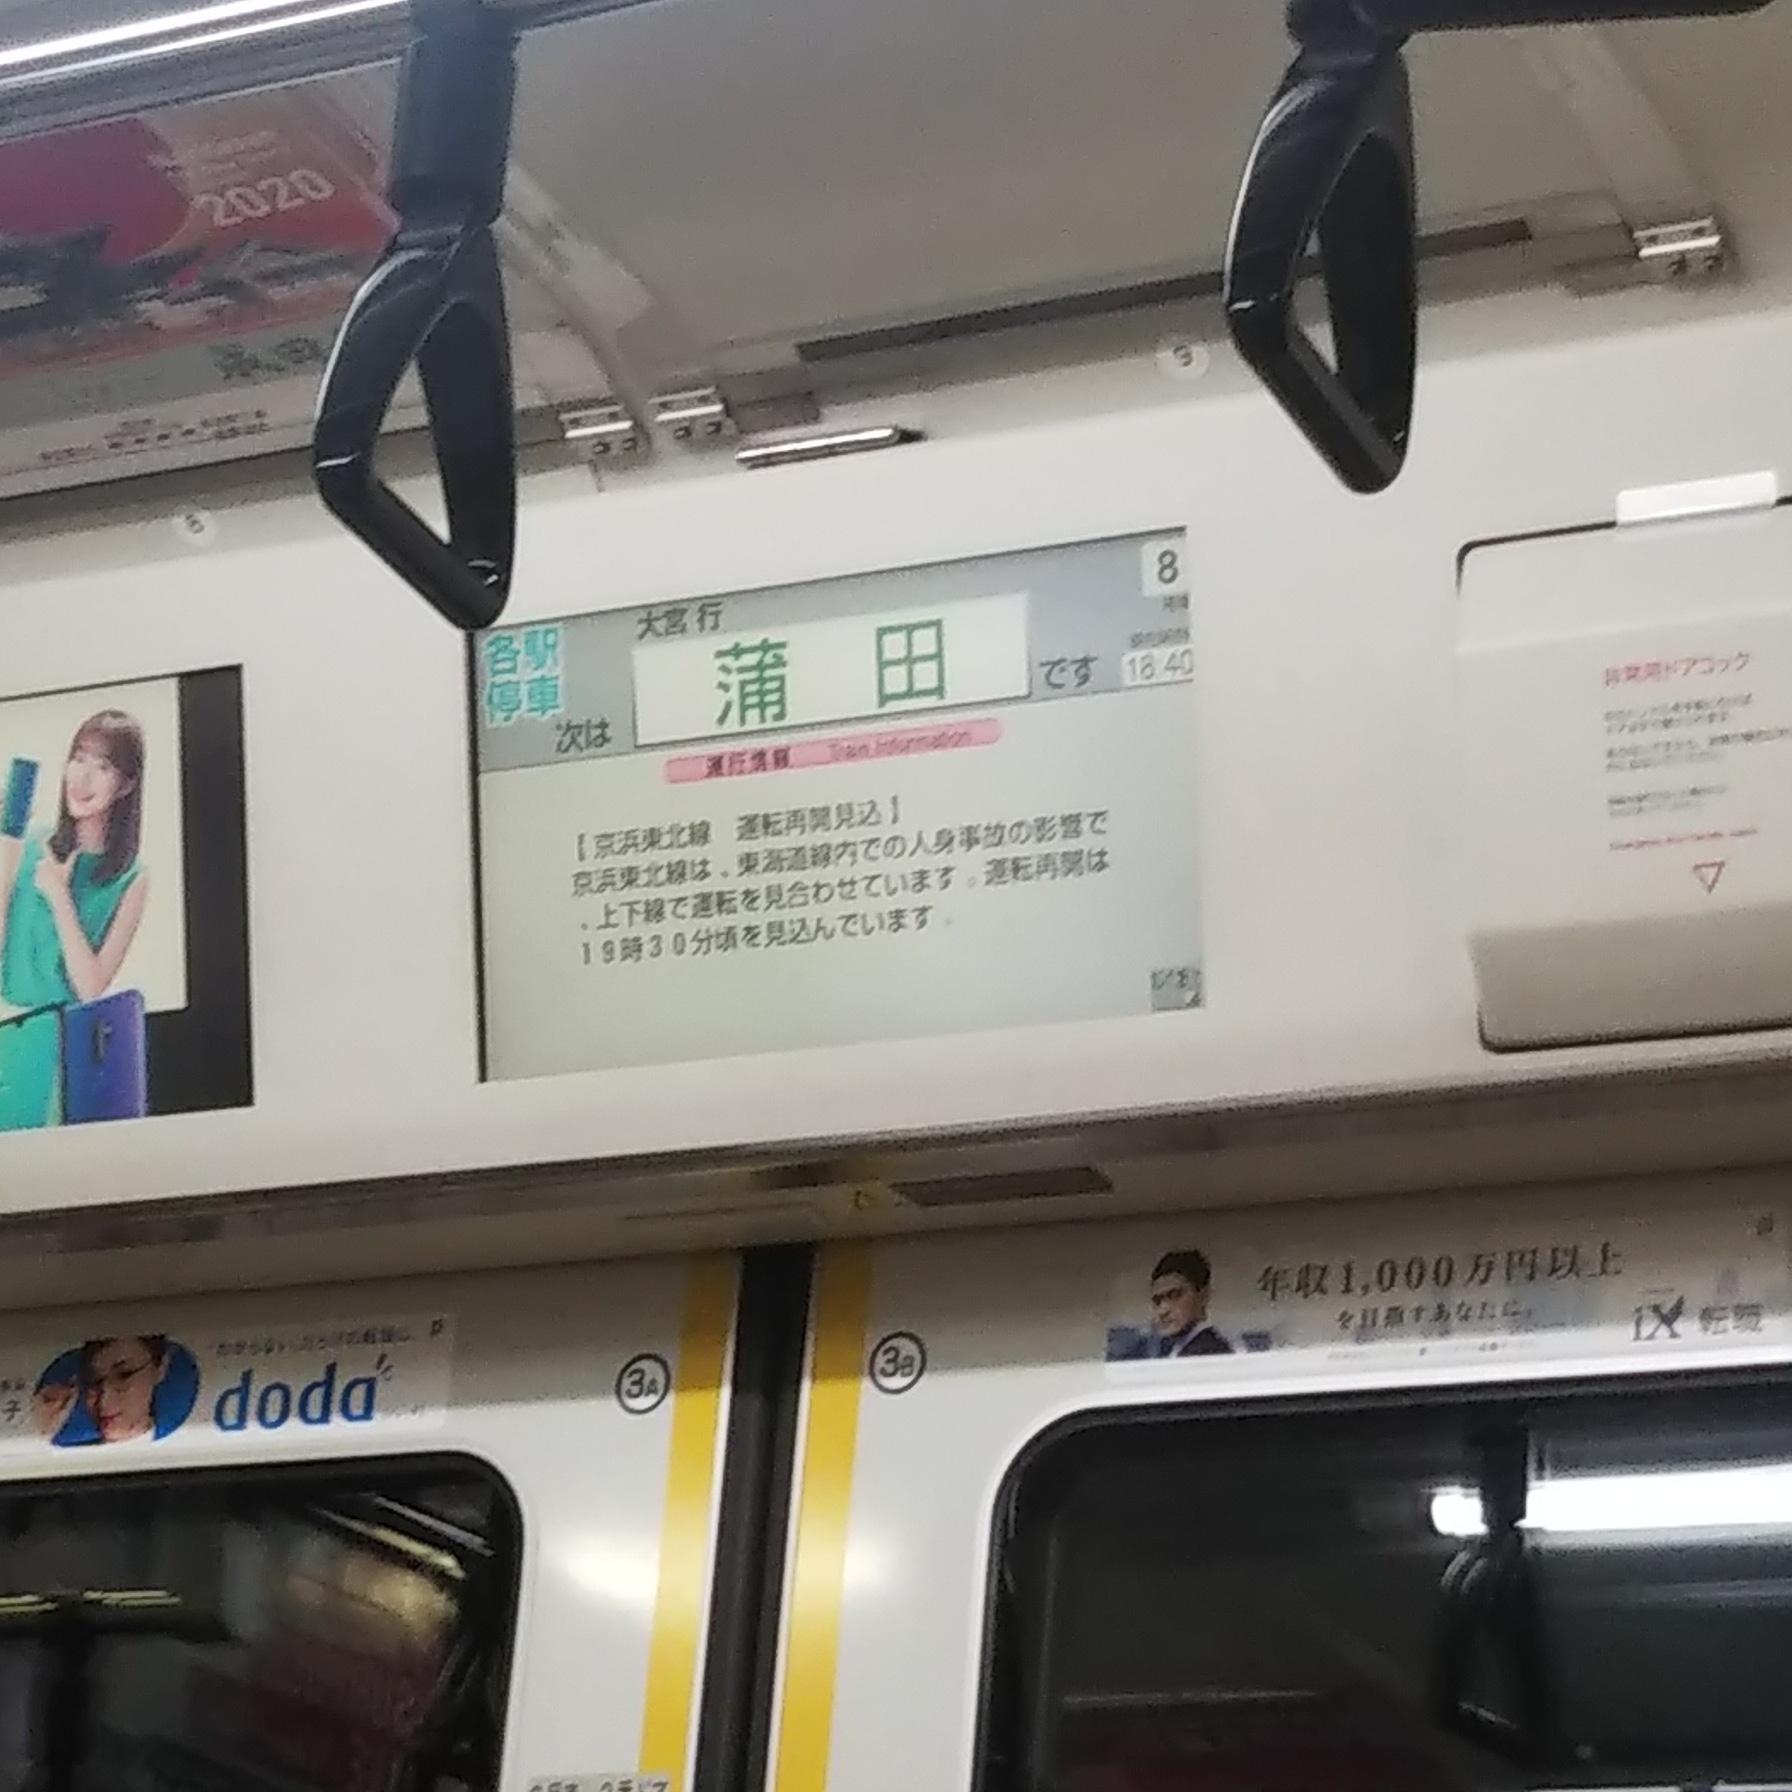 画像,人身事故で、京浜東北線車内に閉じ込められ中( ´△`) #京浜東北線  #人身事故 https://t.co/6nUbYIF62J…